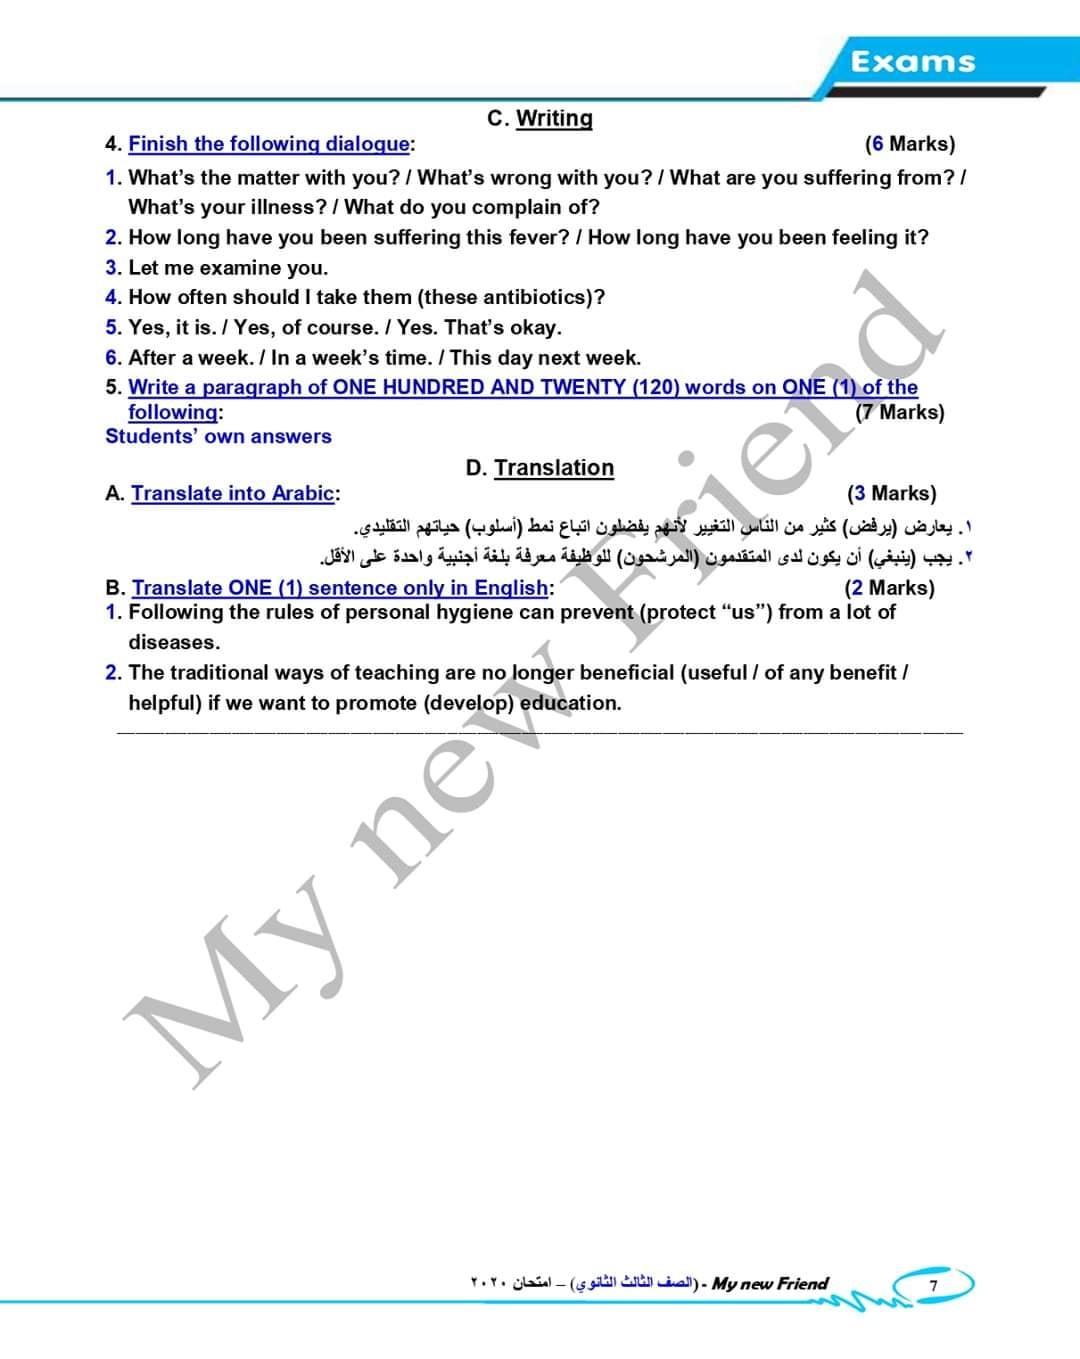 نموذج اجابة امتحان اللغة الانجليزية للثانوية العامة 2020 بتوزيع الدرجات 7